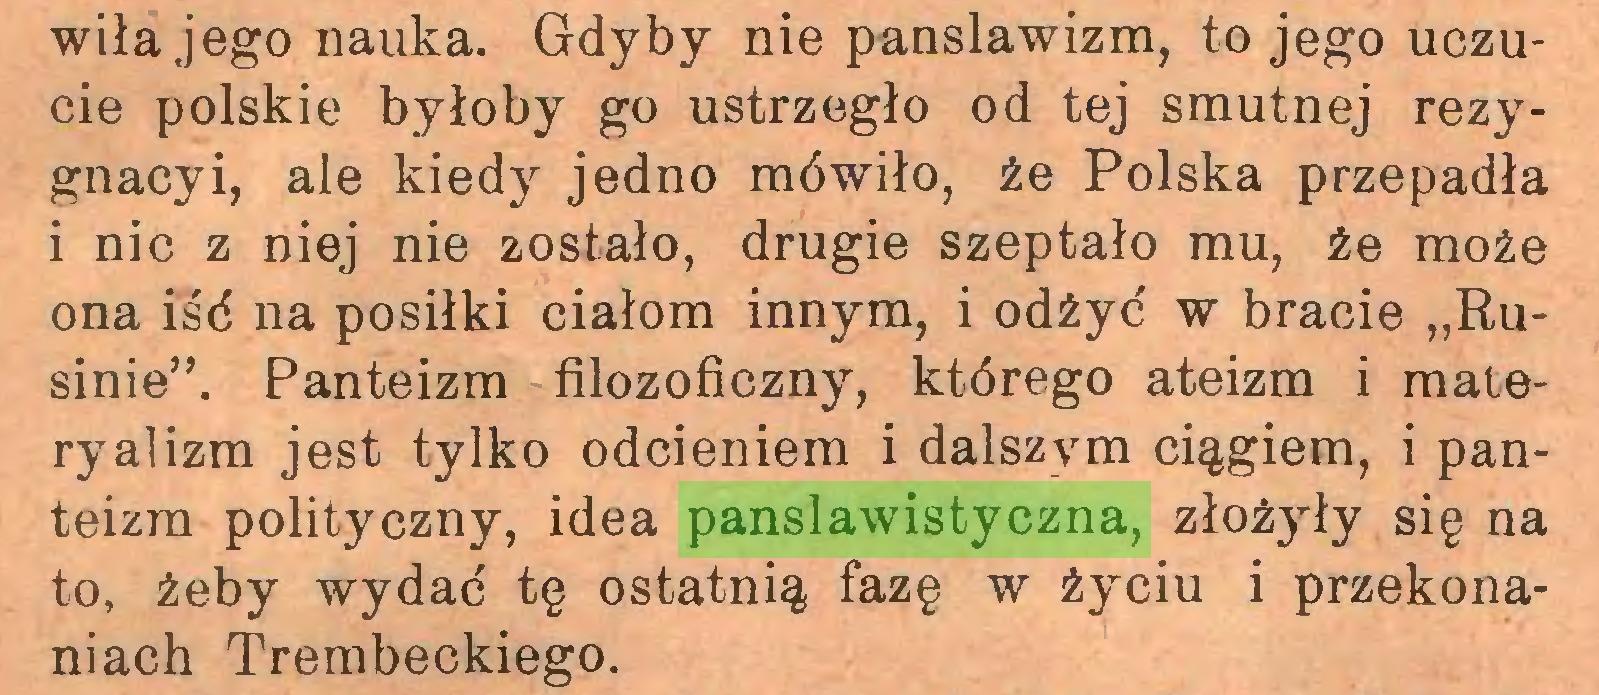 """(...) wiła jego nauka. Gdyby nie panslawizm, to jego uczucie polskie byłoby go ustrzegło od tej smutnej rezygnacyi, ale kiedy jedno mówiło, że Polska przepadła i nic z niej nie zostało, drugie szeptało mu, że może ona iśd na posiłki ciałom innym, i odźyd w bracie """"Rusinie"""". Panteizm filozoficzny, którego ateizm i materyalizm jest tylko odcieniem i dalszym ciągiem, i panteizm polityczny, idea panslawistyczna, złożjdy się na to, żeby wydać tę ostatnią fazę w życiu i przekonaniach Trembeckiego..."""